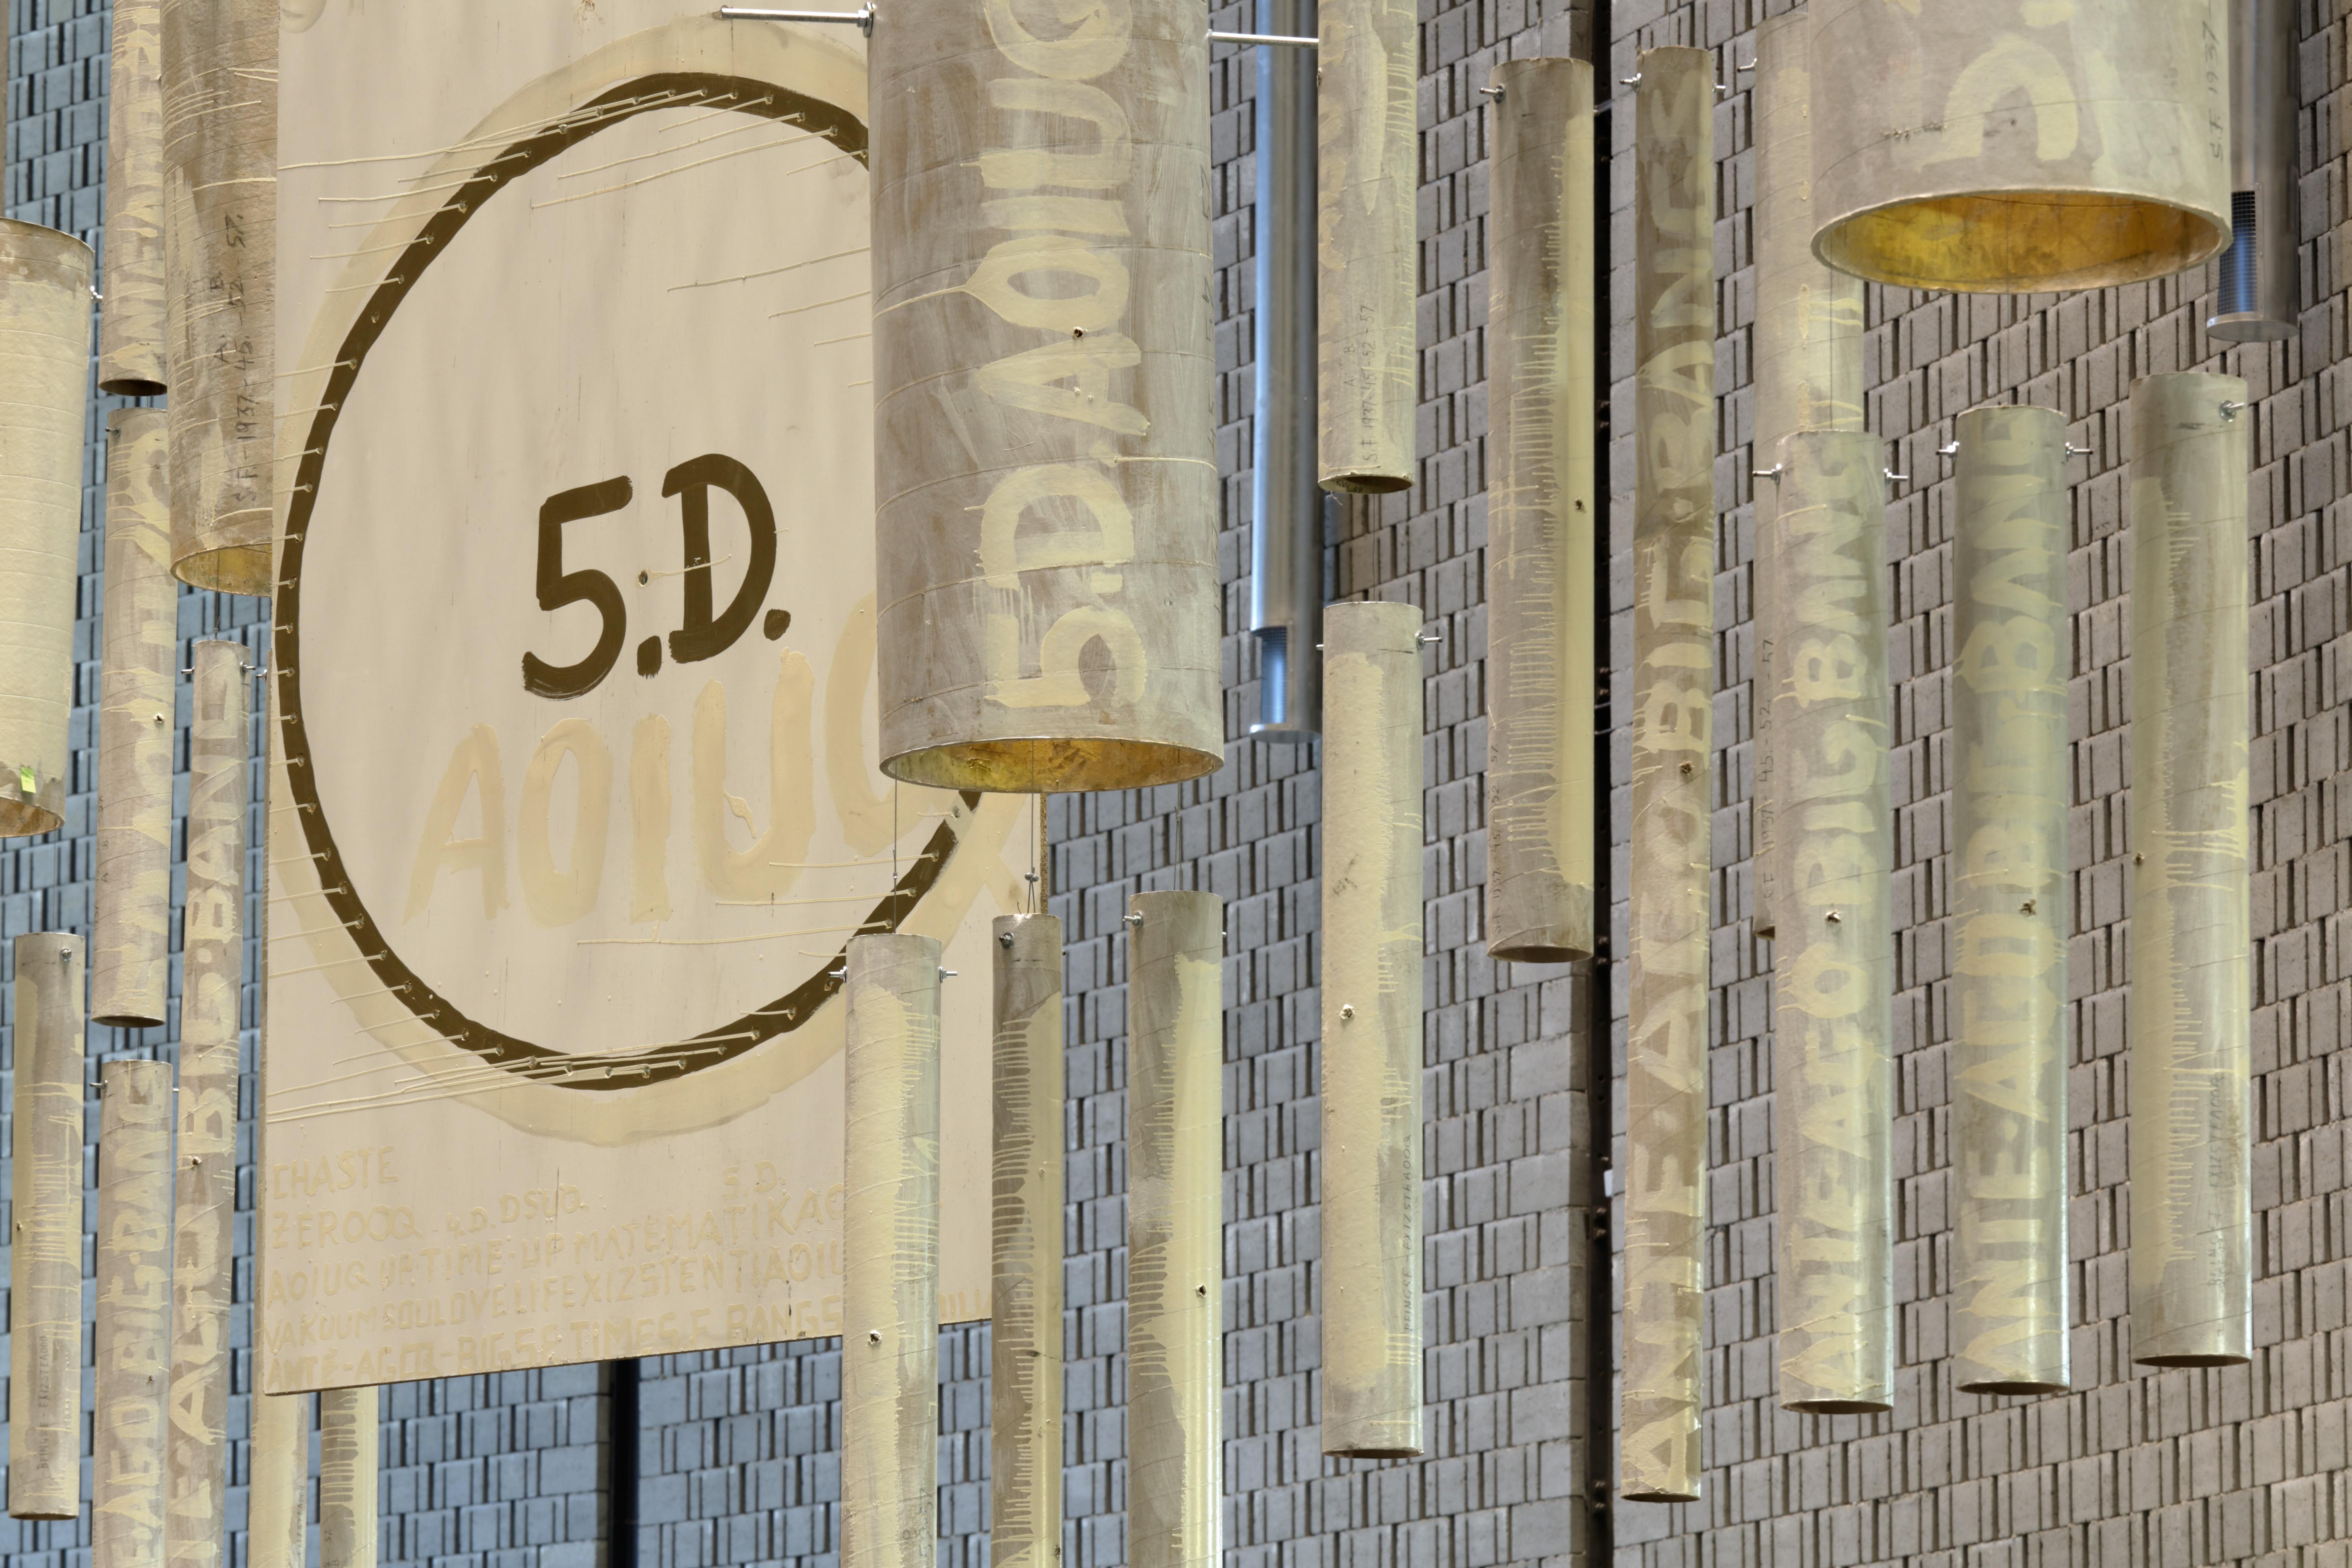 Stano Filko, 5.D., widok wystawy